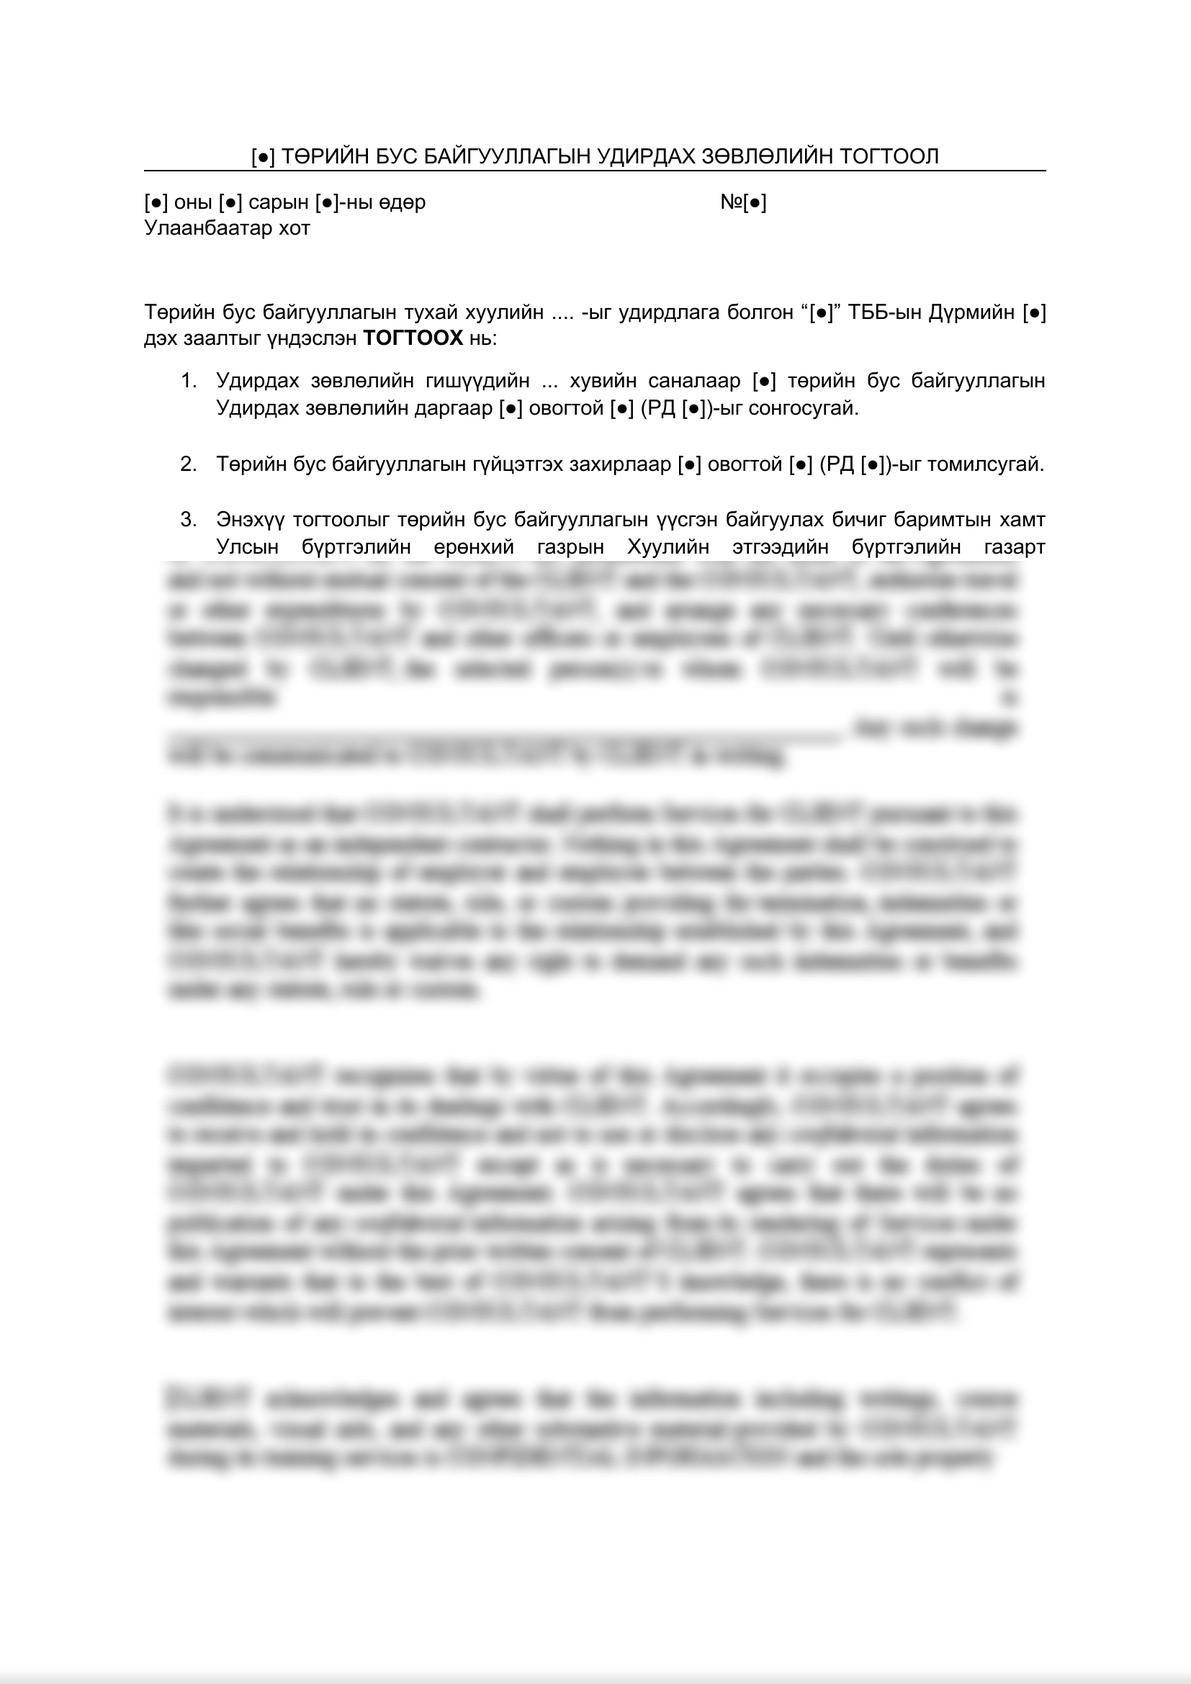 Төрийн бус байгууллагын удирдах зөвлөлийн тогтоолын төсөл -0